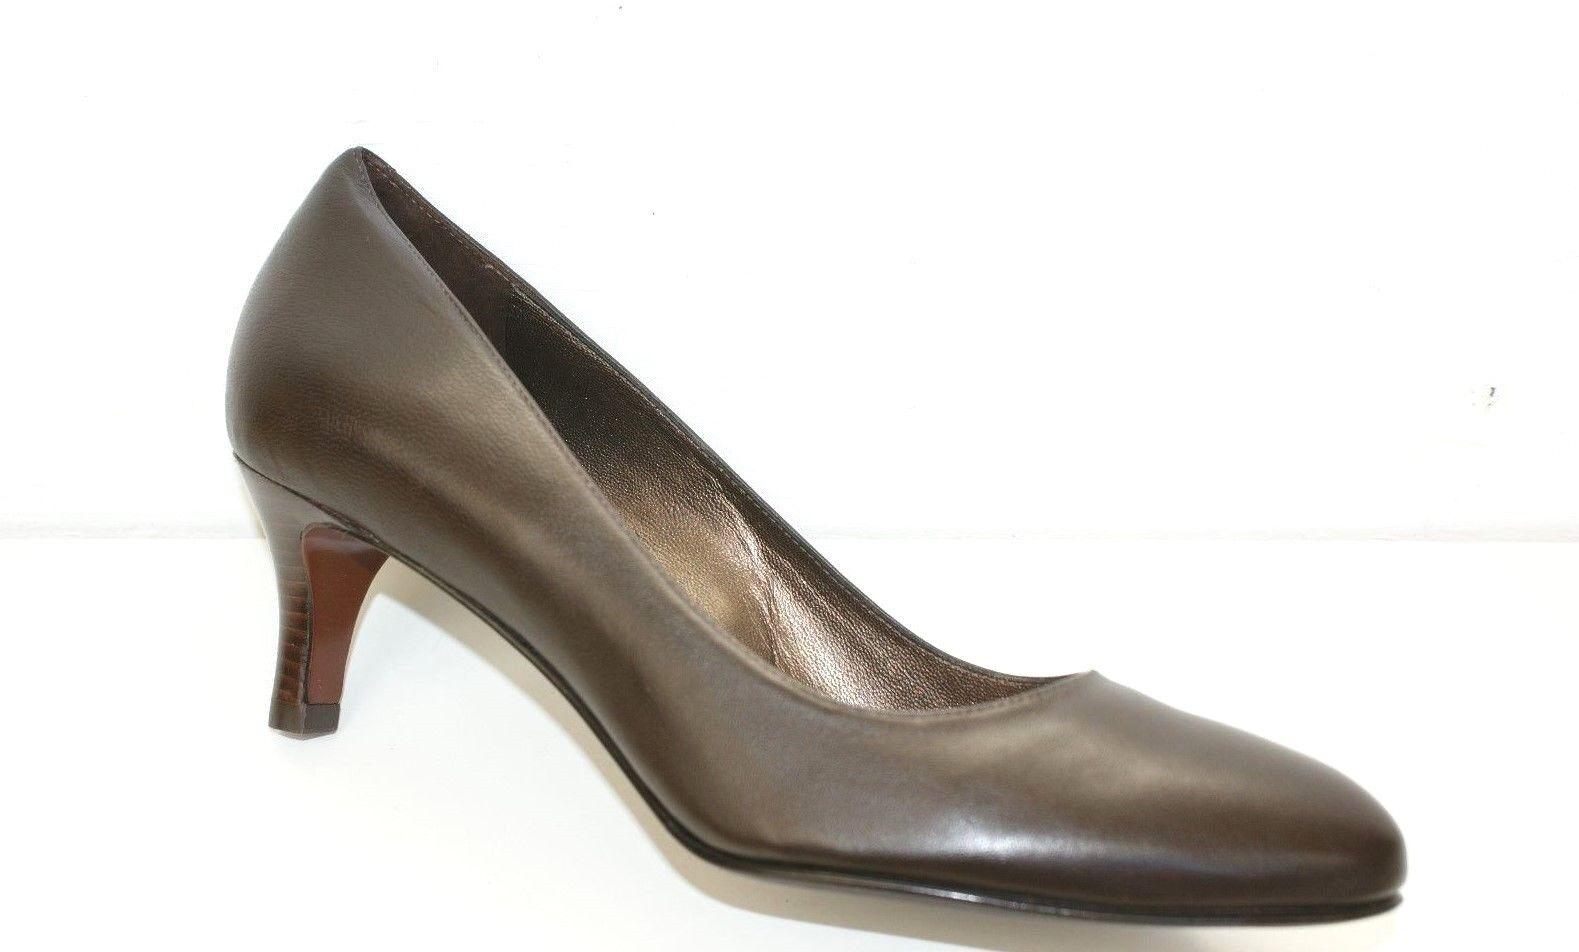 Cole Haan AIR CLAIR Pump Heel Dress Dress Dress schuhe damen braun Leather 10 NEW IN BOX 06486f